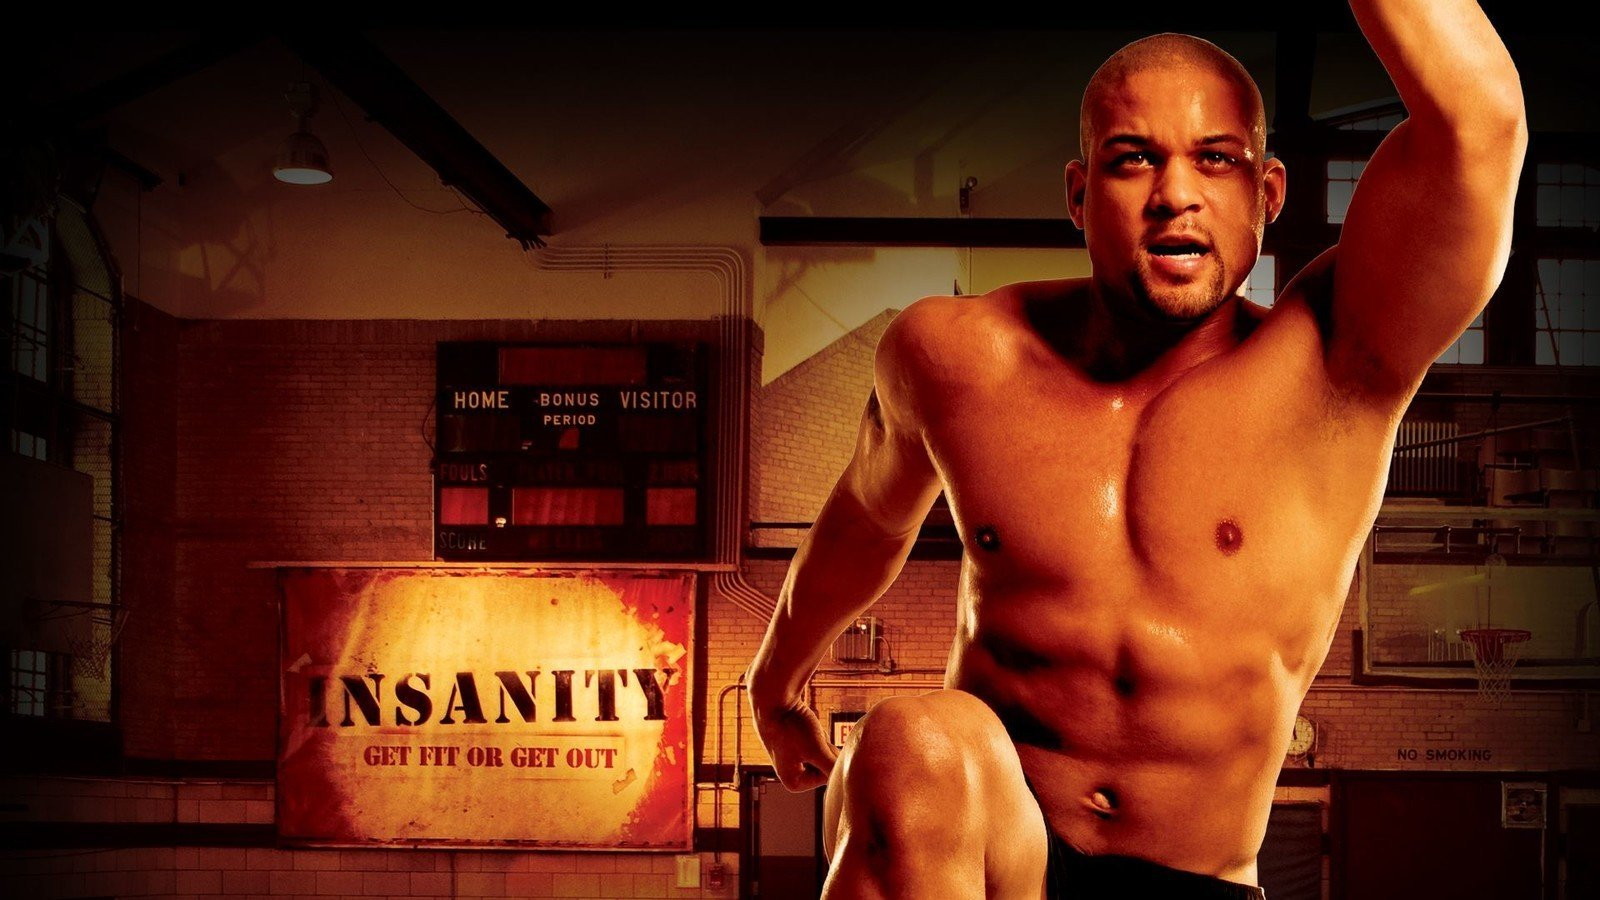 На пределе возможностей: что такое тренировки Insanity